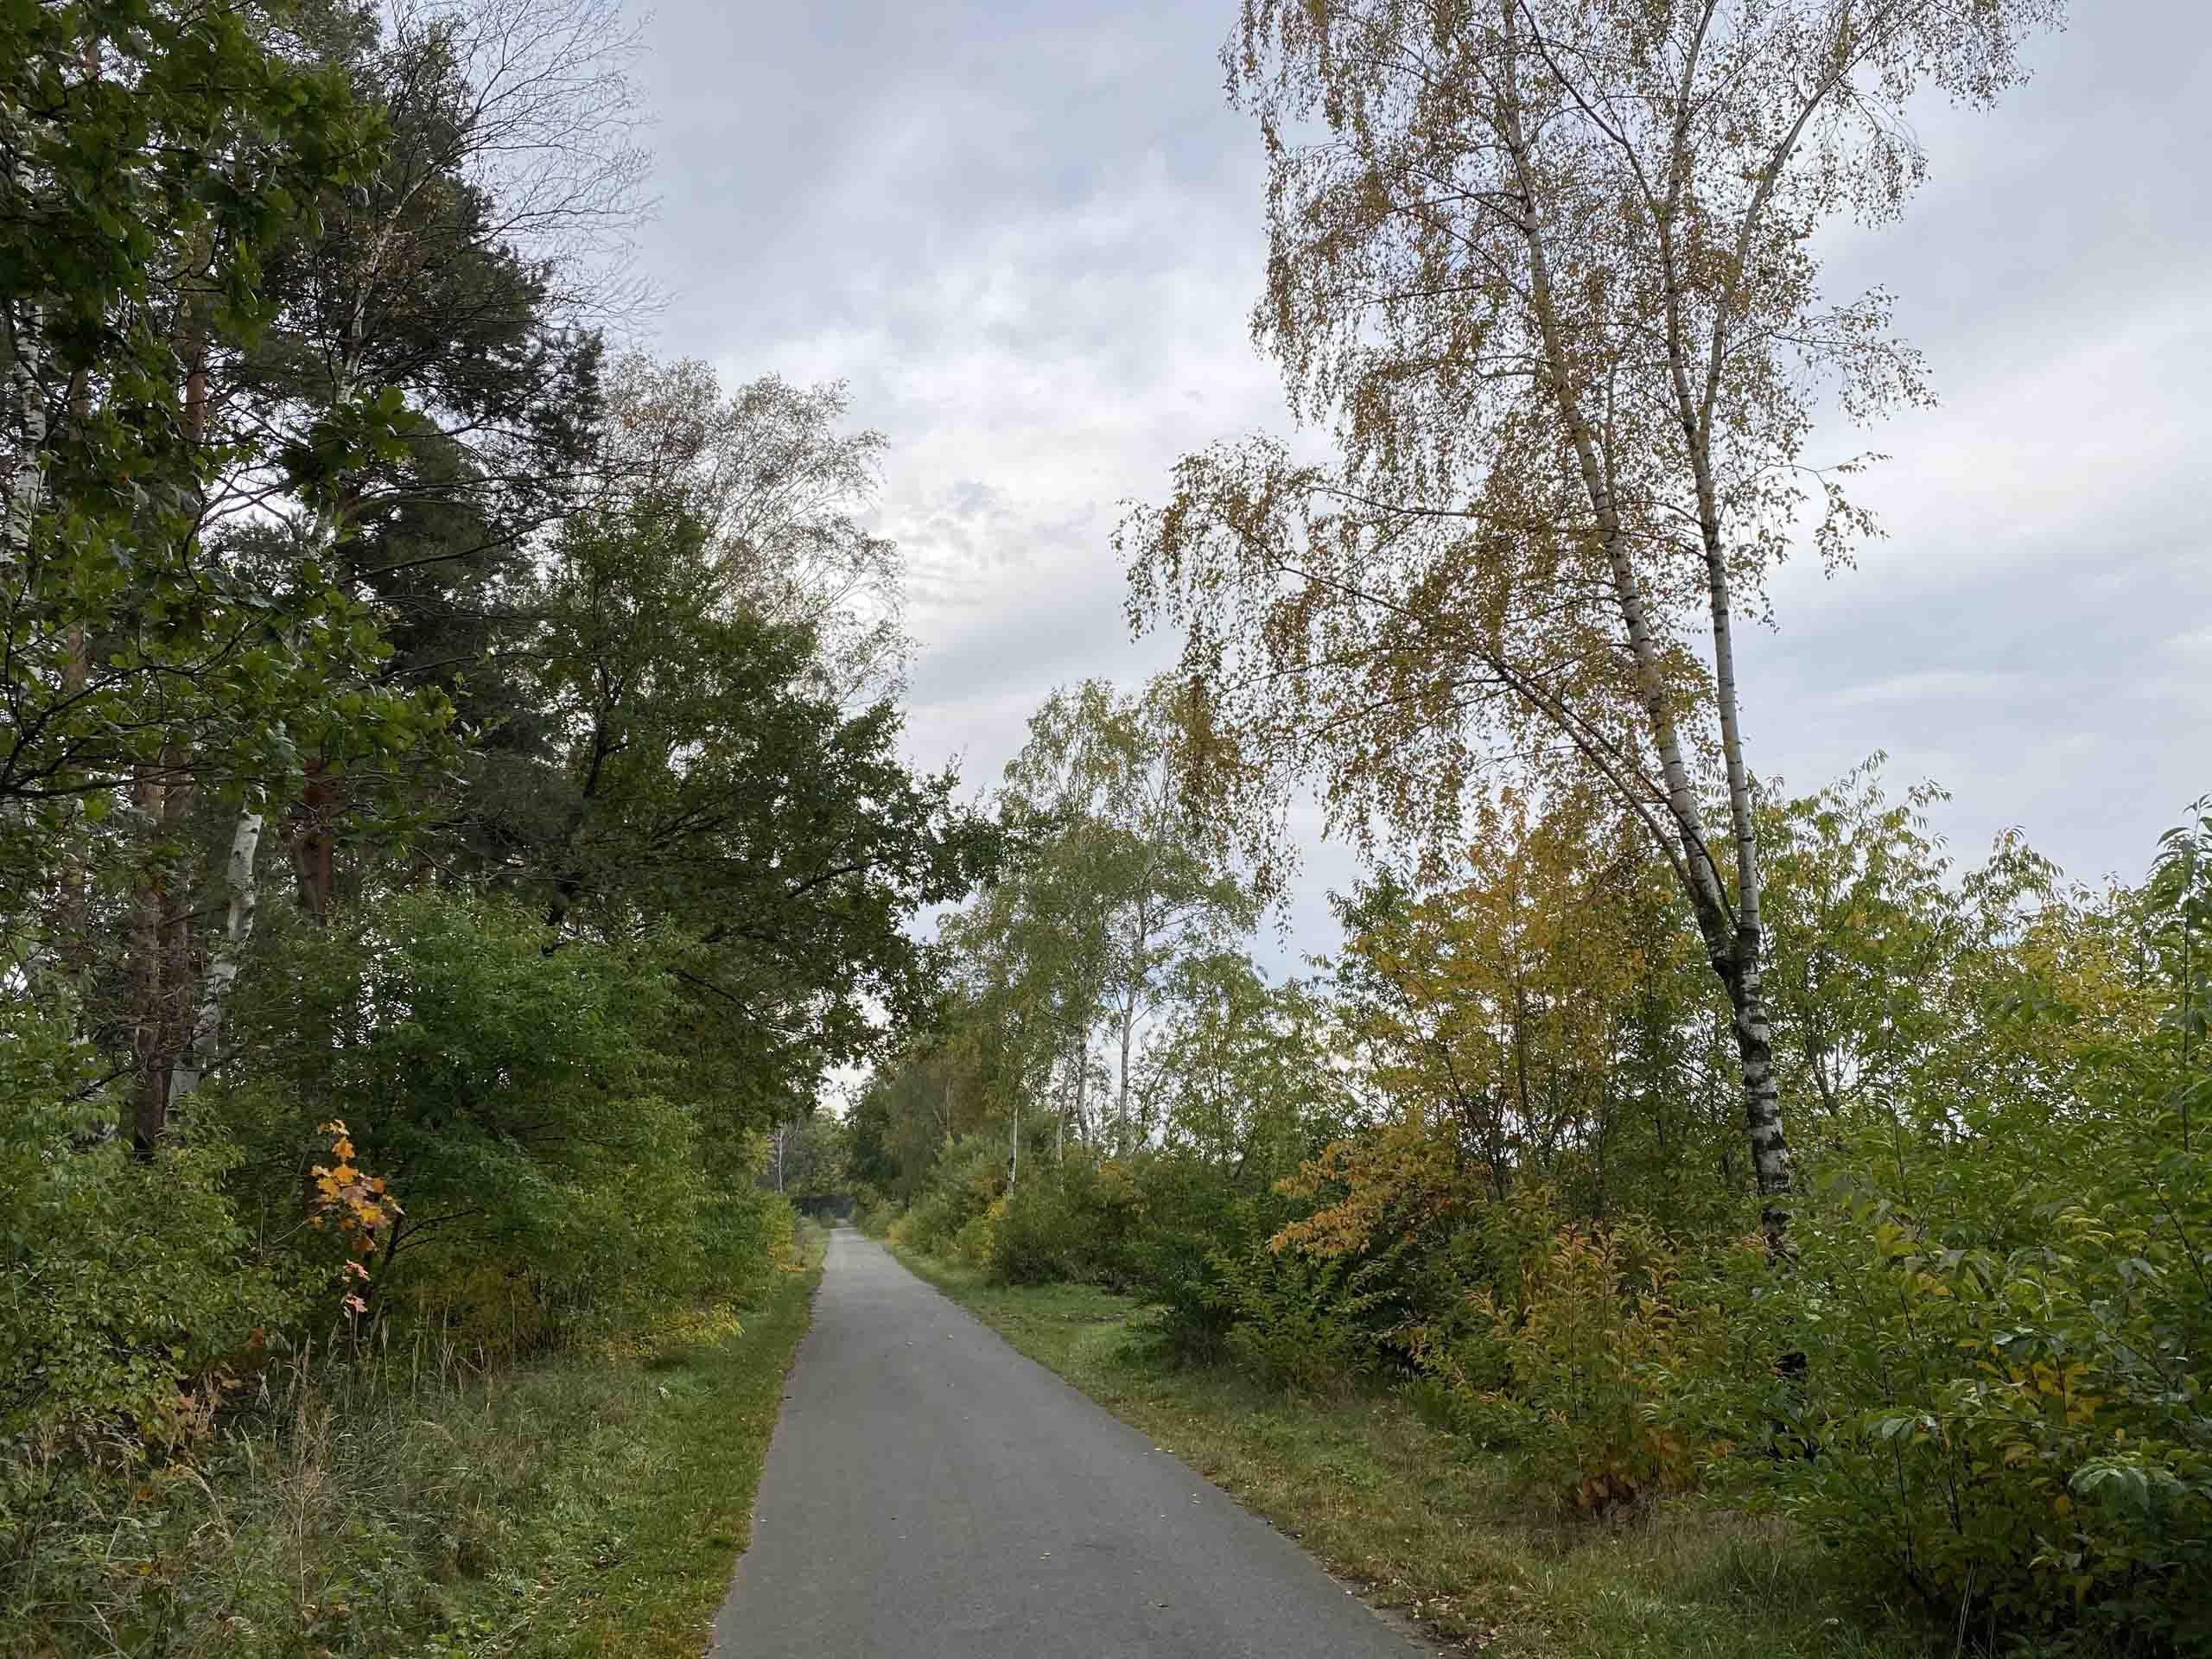 Der Radweg führt mitten durch die Natur